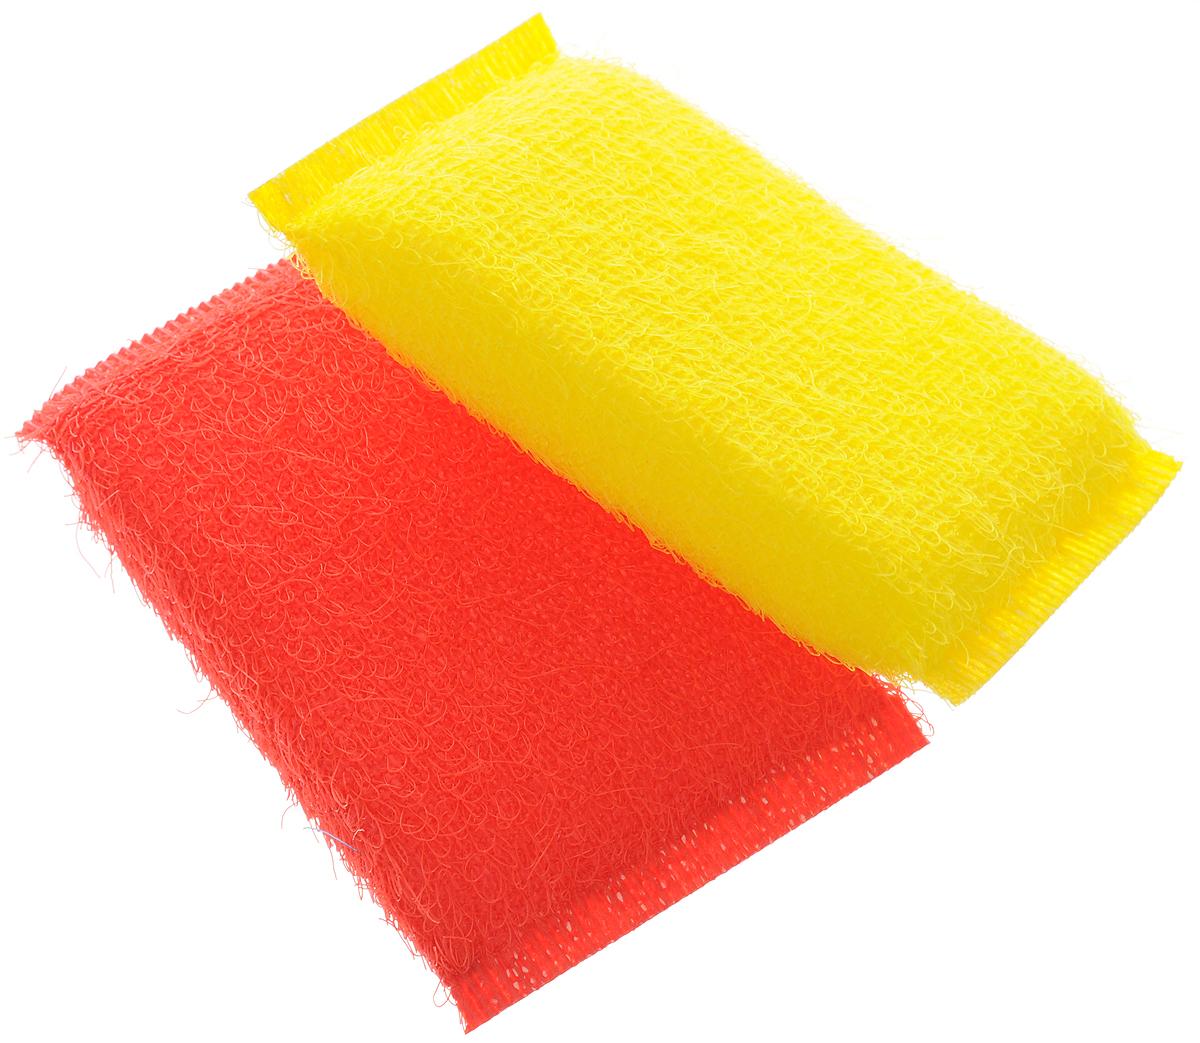 Губка для мытья посуды Хозяюшка Мила Кактус, цвет: желтый, красный, 2 шт1008_желтый, красныйНабор Хозяюшка Мила Кактус состоит из 2 губок. Губки предназначены для интенсивной чистки и удаления сильных загрязнений с посуды (противни, решетки-гриль, кастрюли).Губки сохраняют чистоту и свежесть даже после многократного применения, а их эргономичная форма удобна для руки.Не рекомендуется использовать для посуды с антипригарным покрытием. Размер губки: 12 х 2 х 8 см.